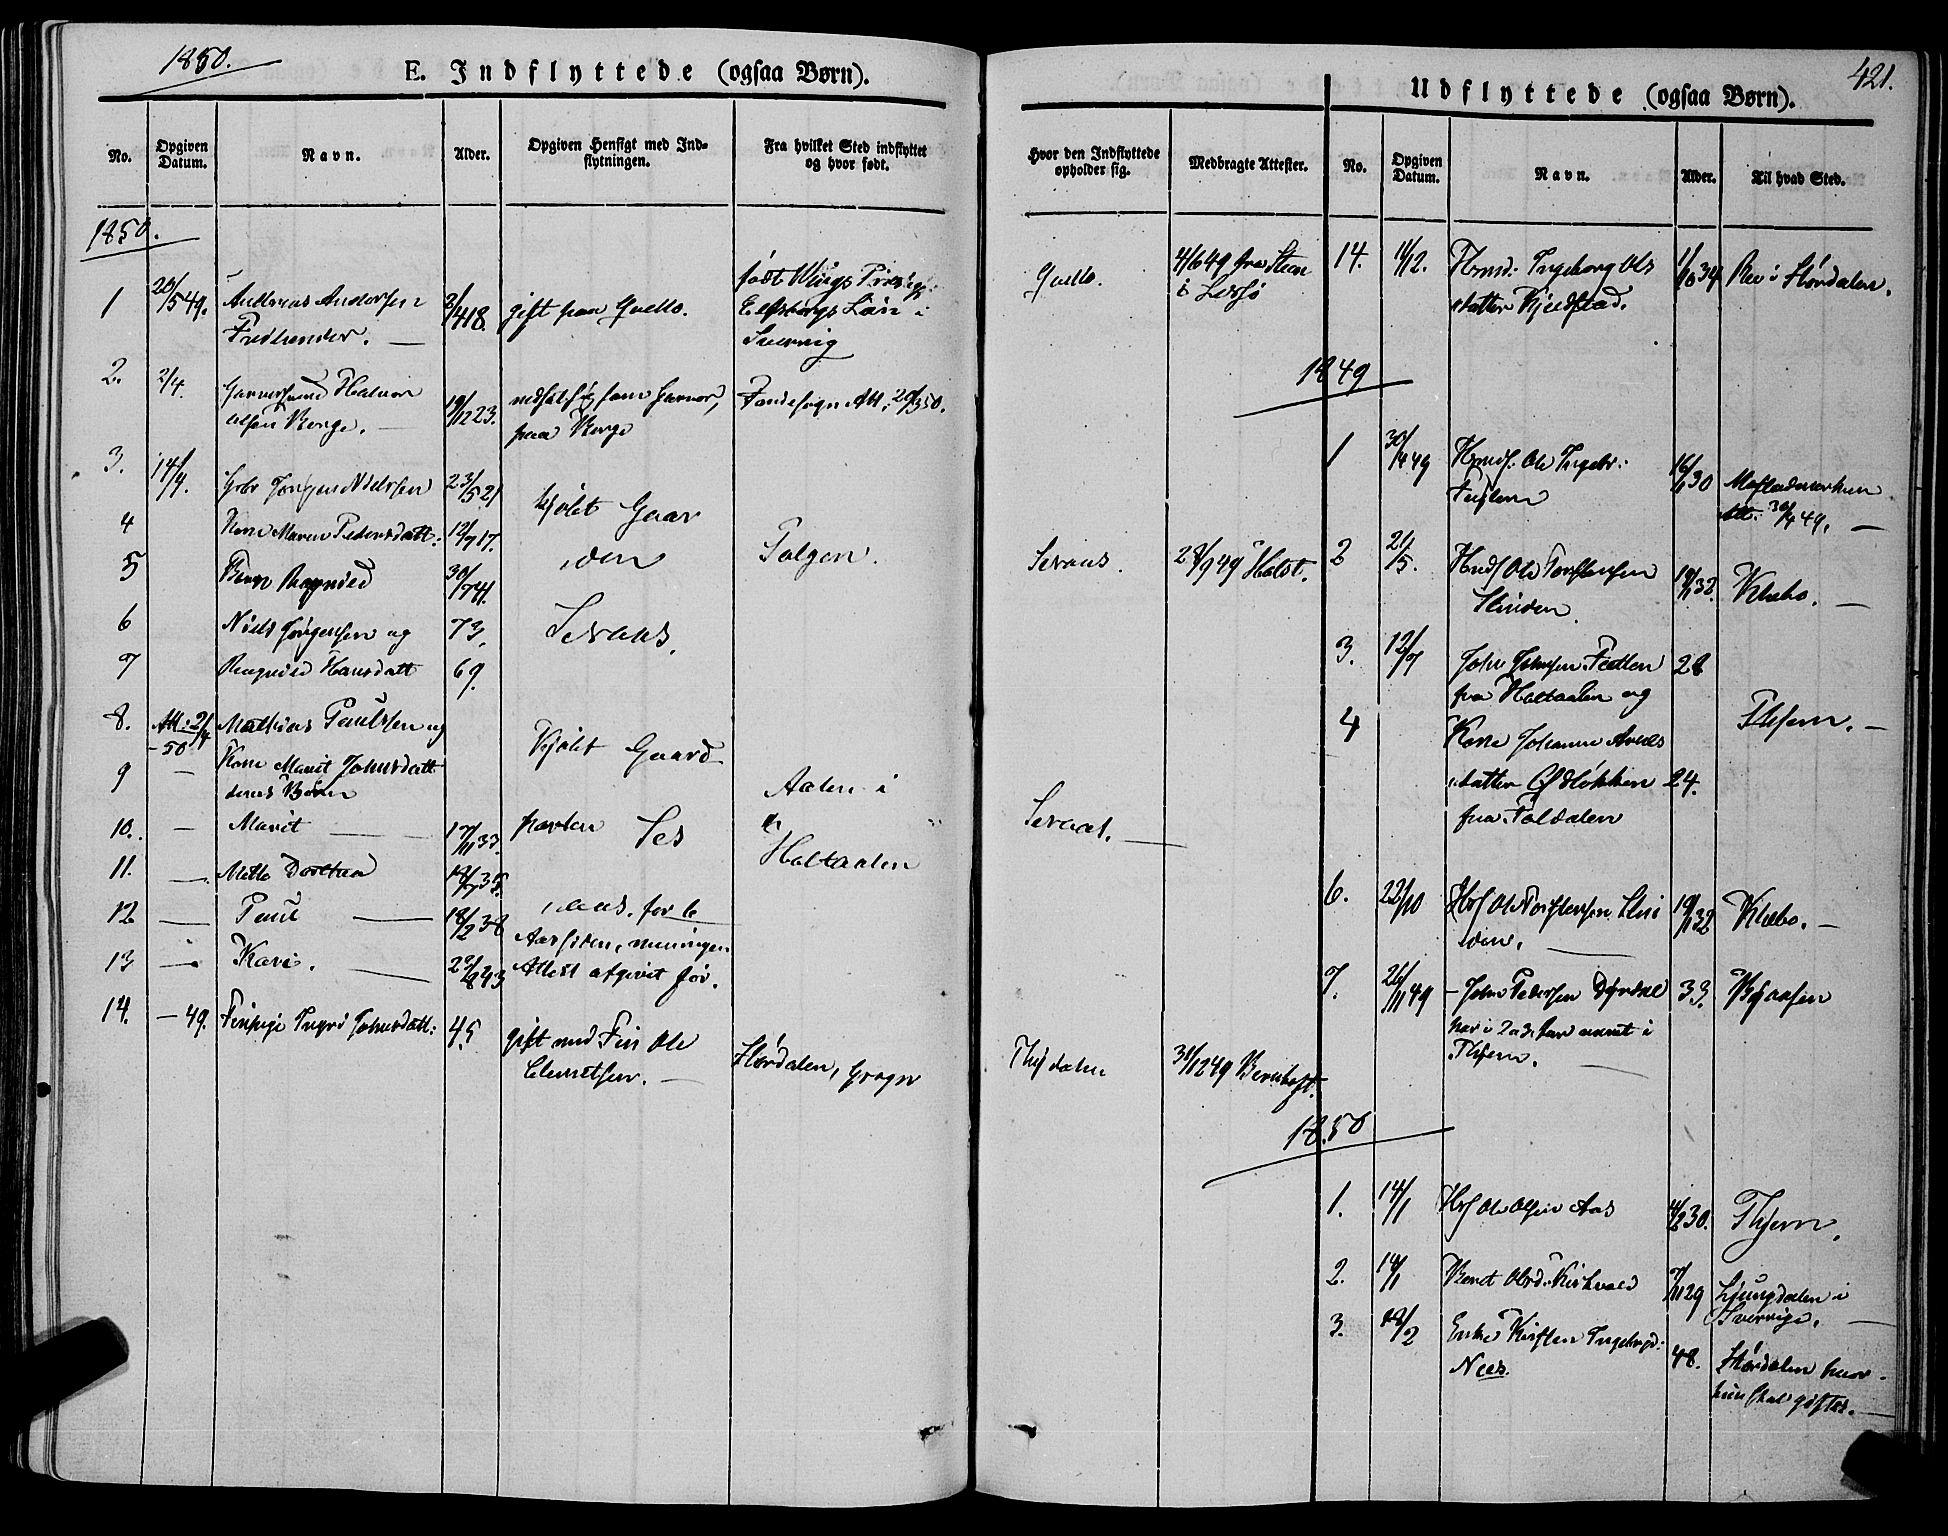 SAT, Ministerialprotokoller, klokkerbøker og fødselsregistre - Sør-Trøndelag, 695/L1145: Ministerialbok nr. 695A06 /1, 1843-1859, s. 421